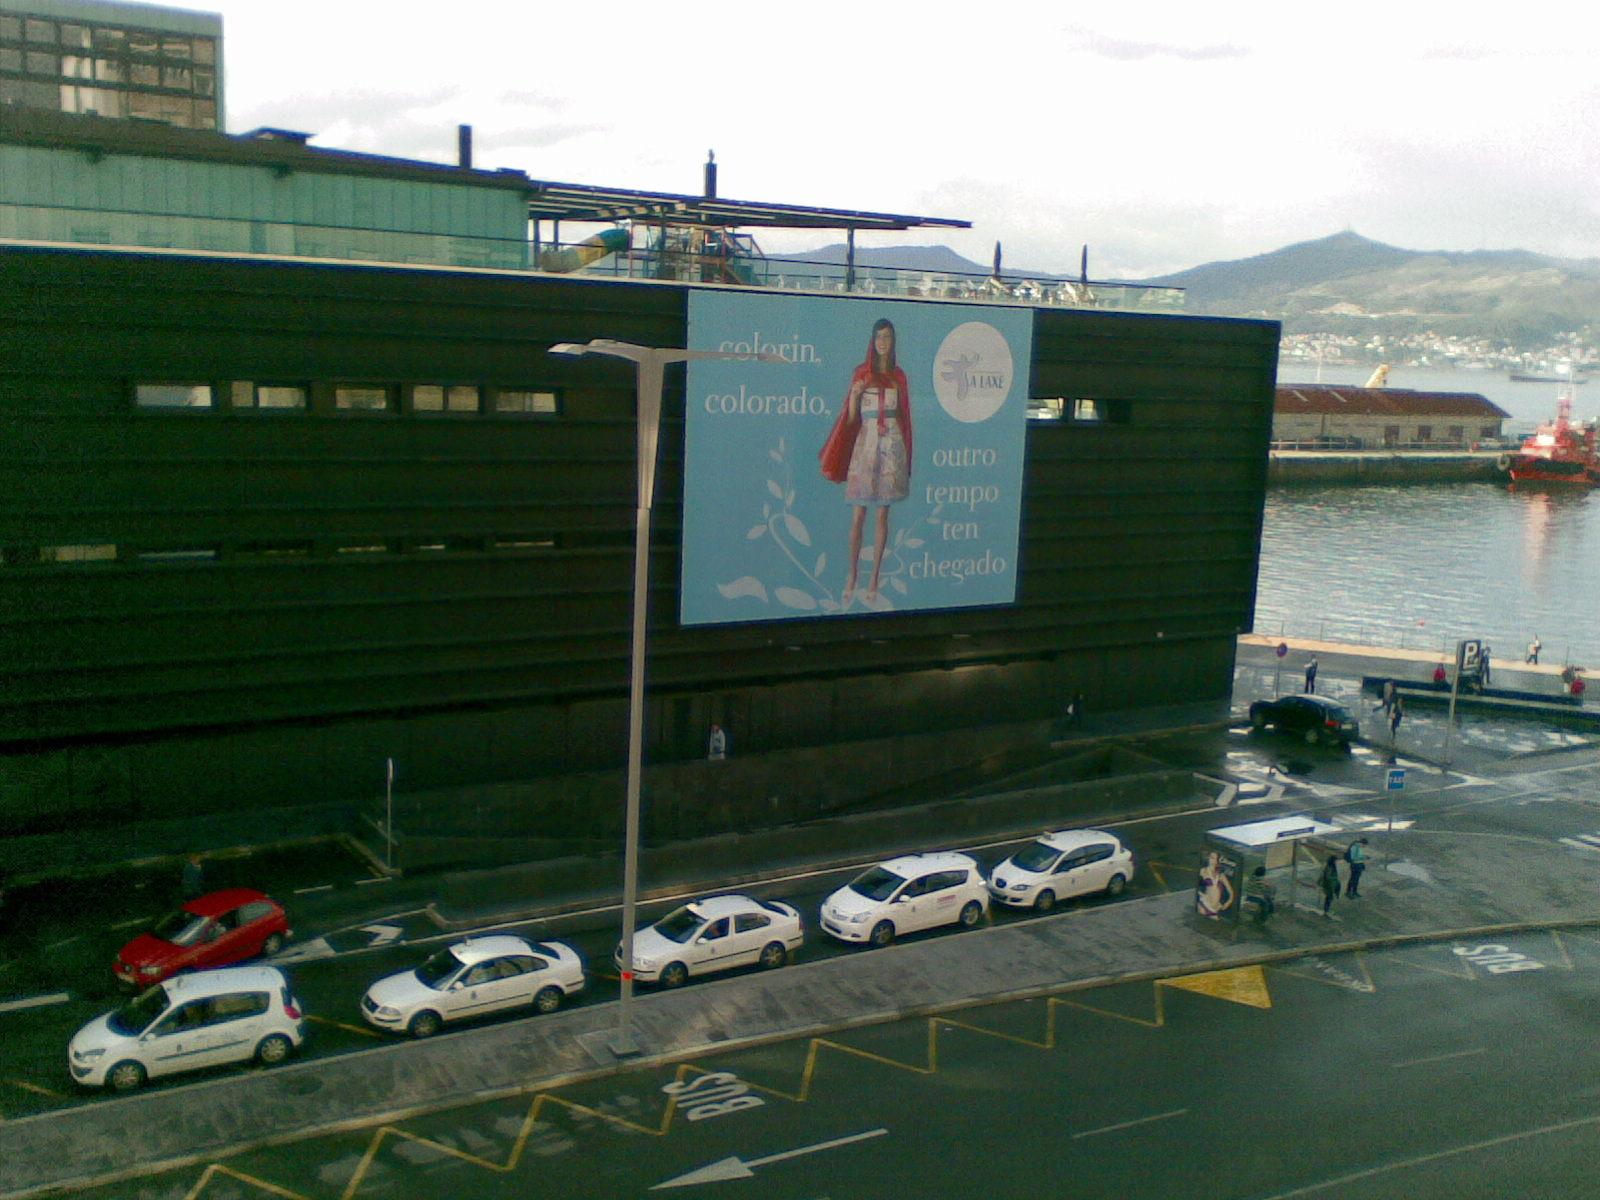 Comerciales Vigo Centros Comerciales Comerciales En Centros Vigo Centros Vigo En Centros En En Comerciales BTrc6TqW